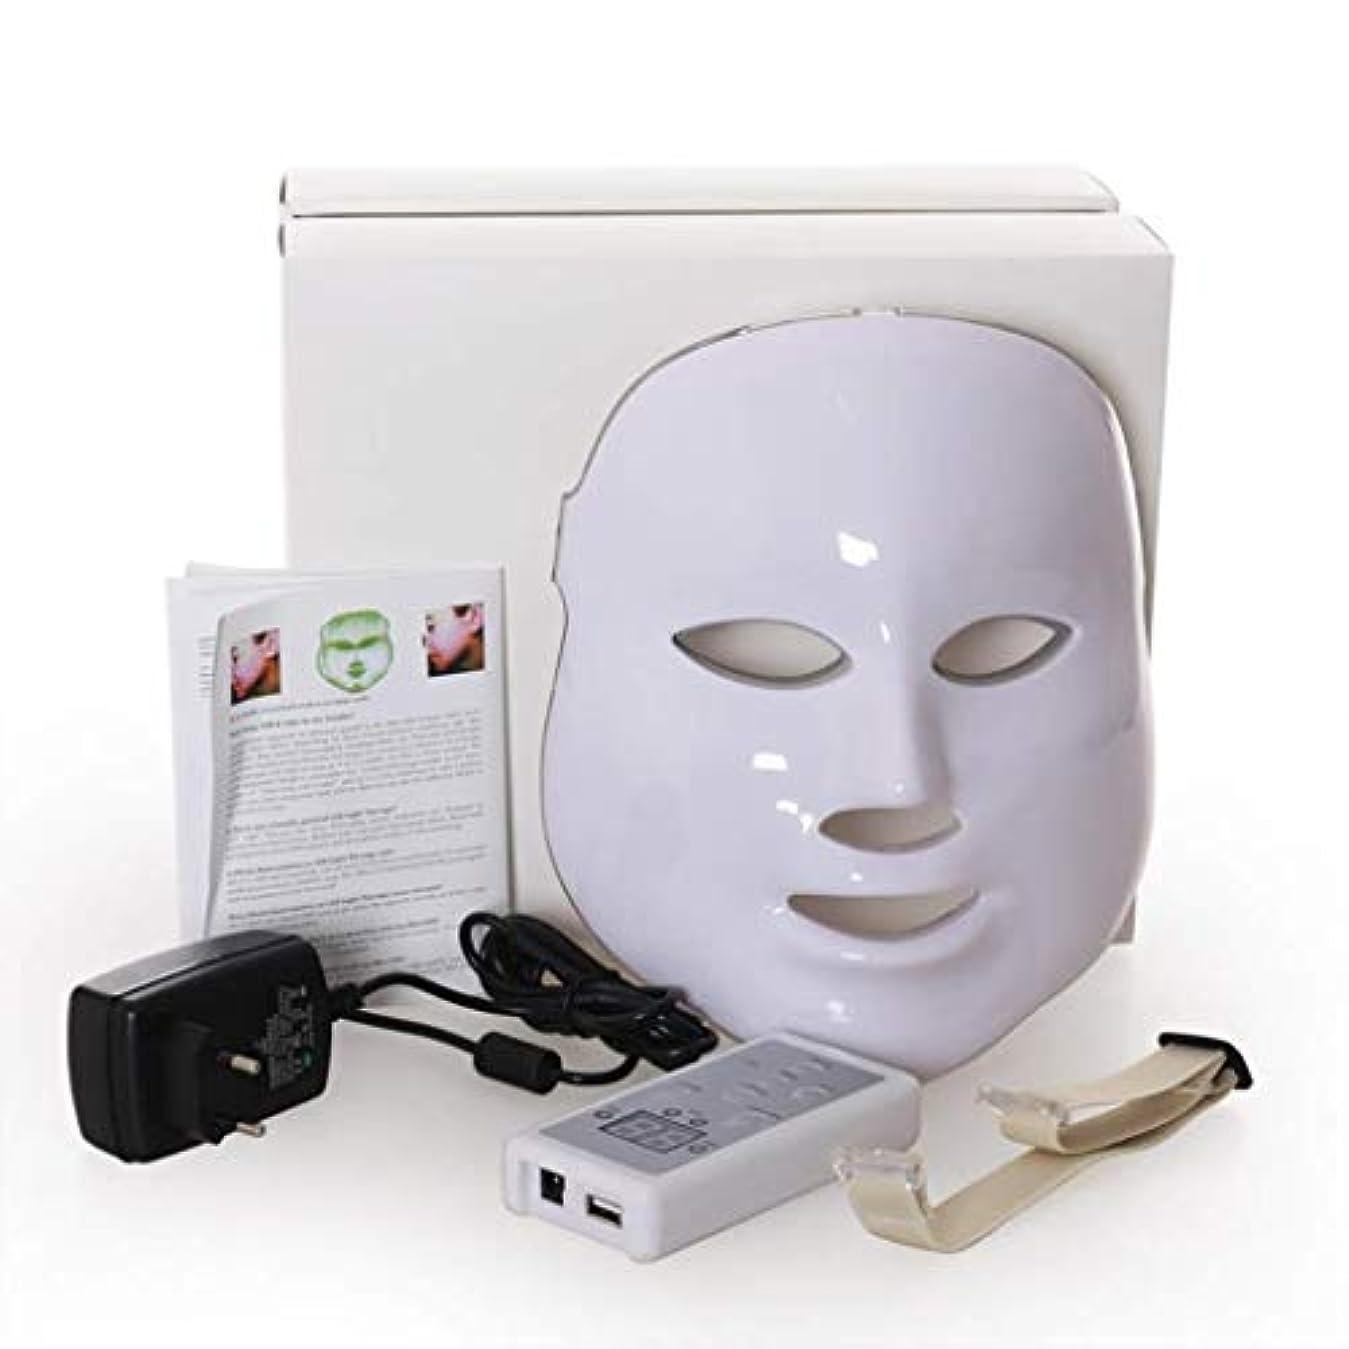 くつろぎどこにもソーシャルフェイシャルビューティーインストルメント、7色LED光線療法フェイシャルスキンマスク、しわ、ニキビ、シミ、肌の若返りコラーゲン、アンチエイジングビューティーマスクを減らす